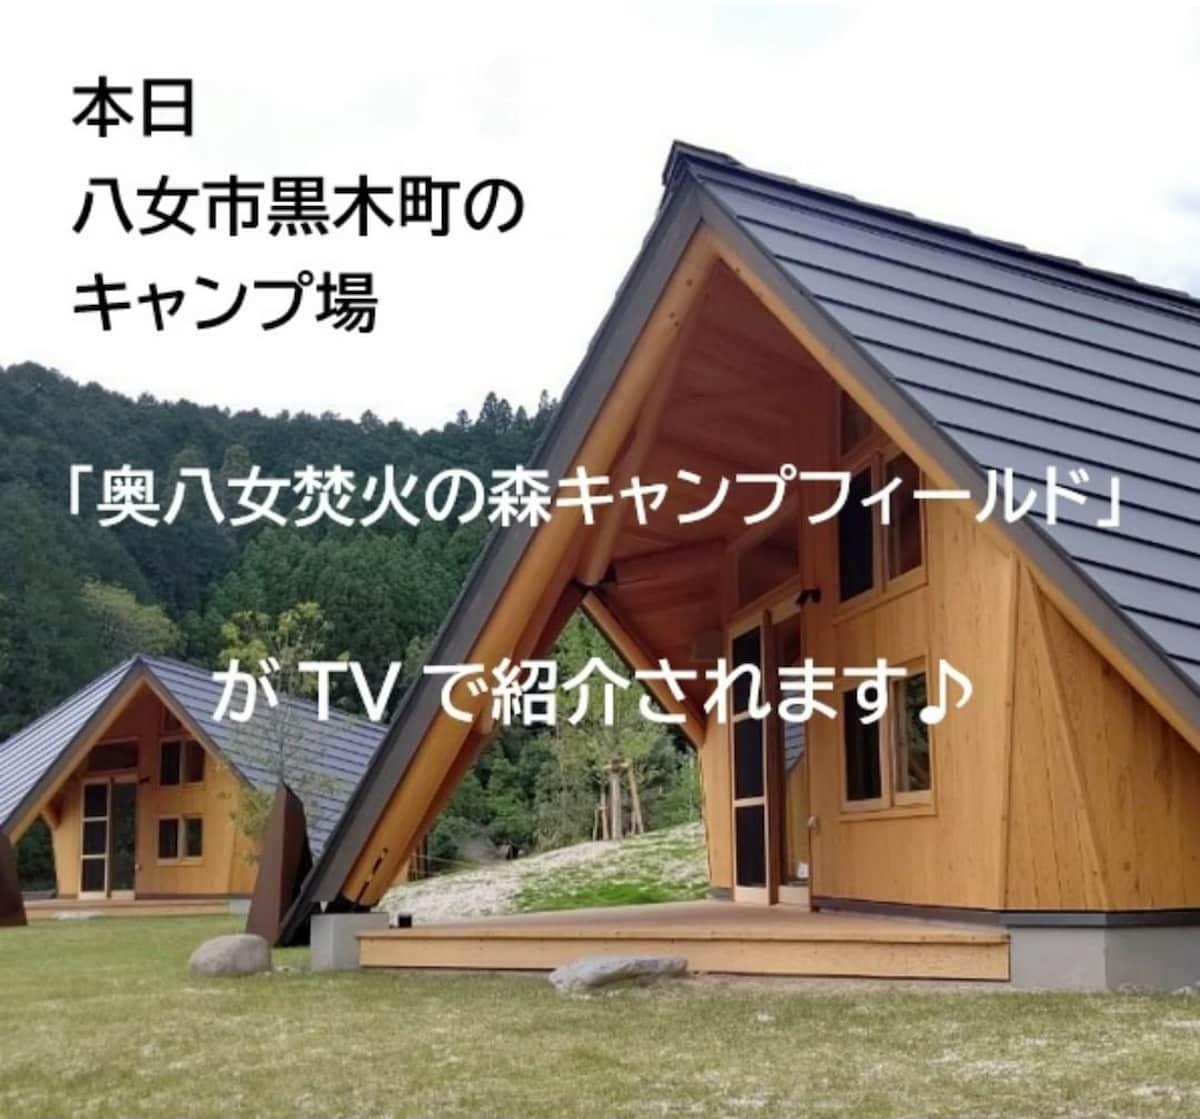 【5/14放送】奥八女焚火の森キャンプフィールドが登場「タダイマ!」